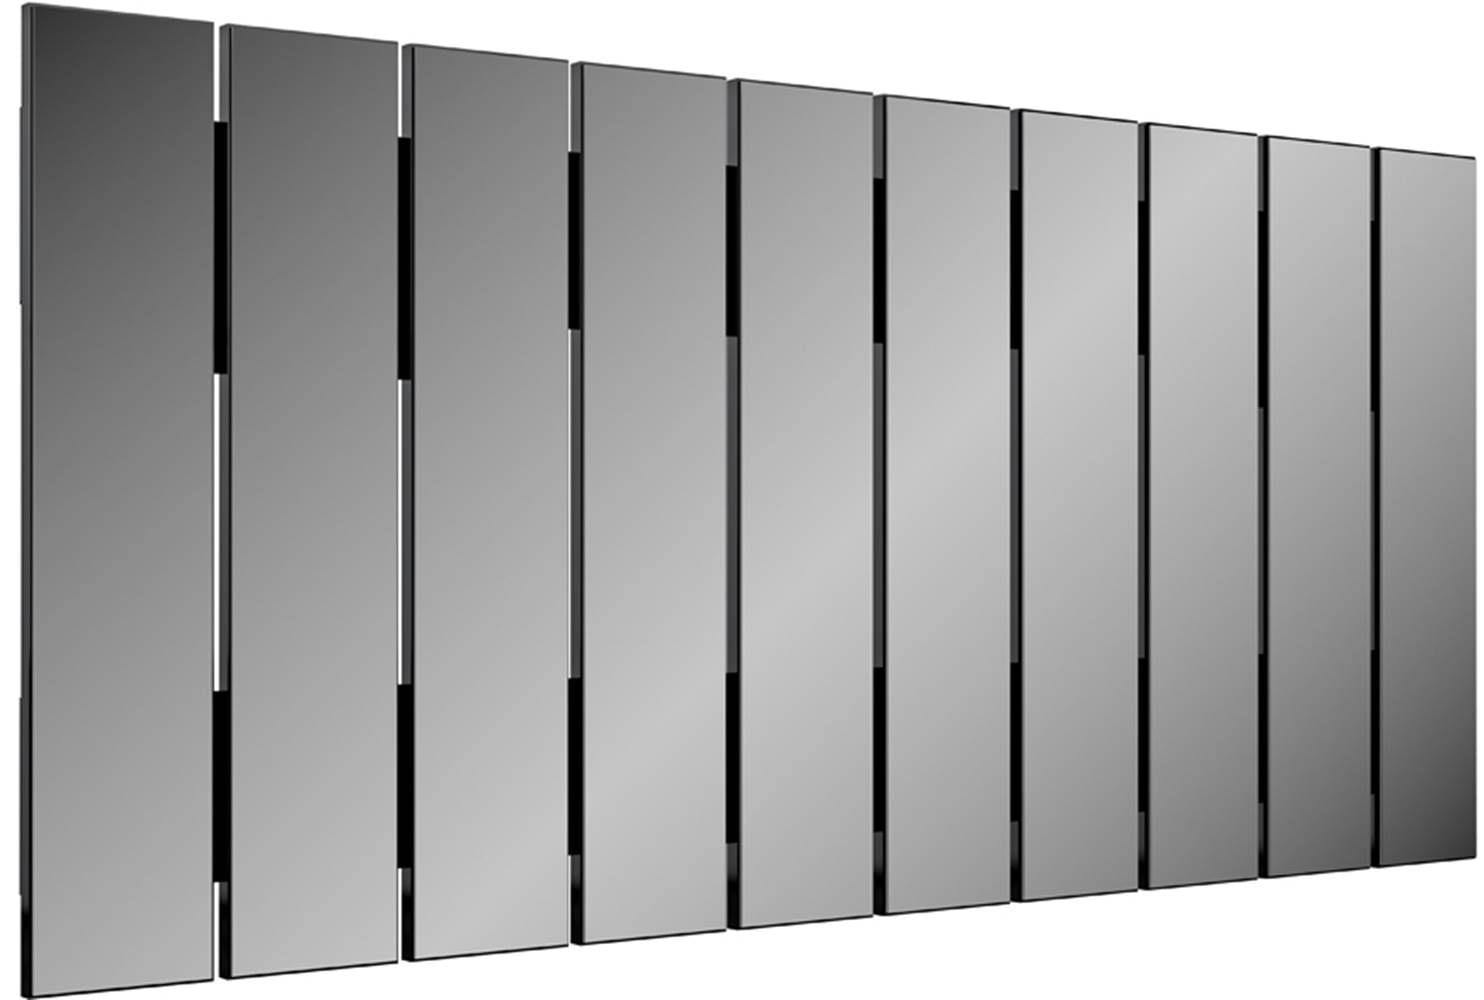 Quadro Espelho Ripas Vertical 1,50 MT (LARG) cor Preto Brilho - 47483